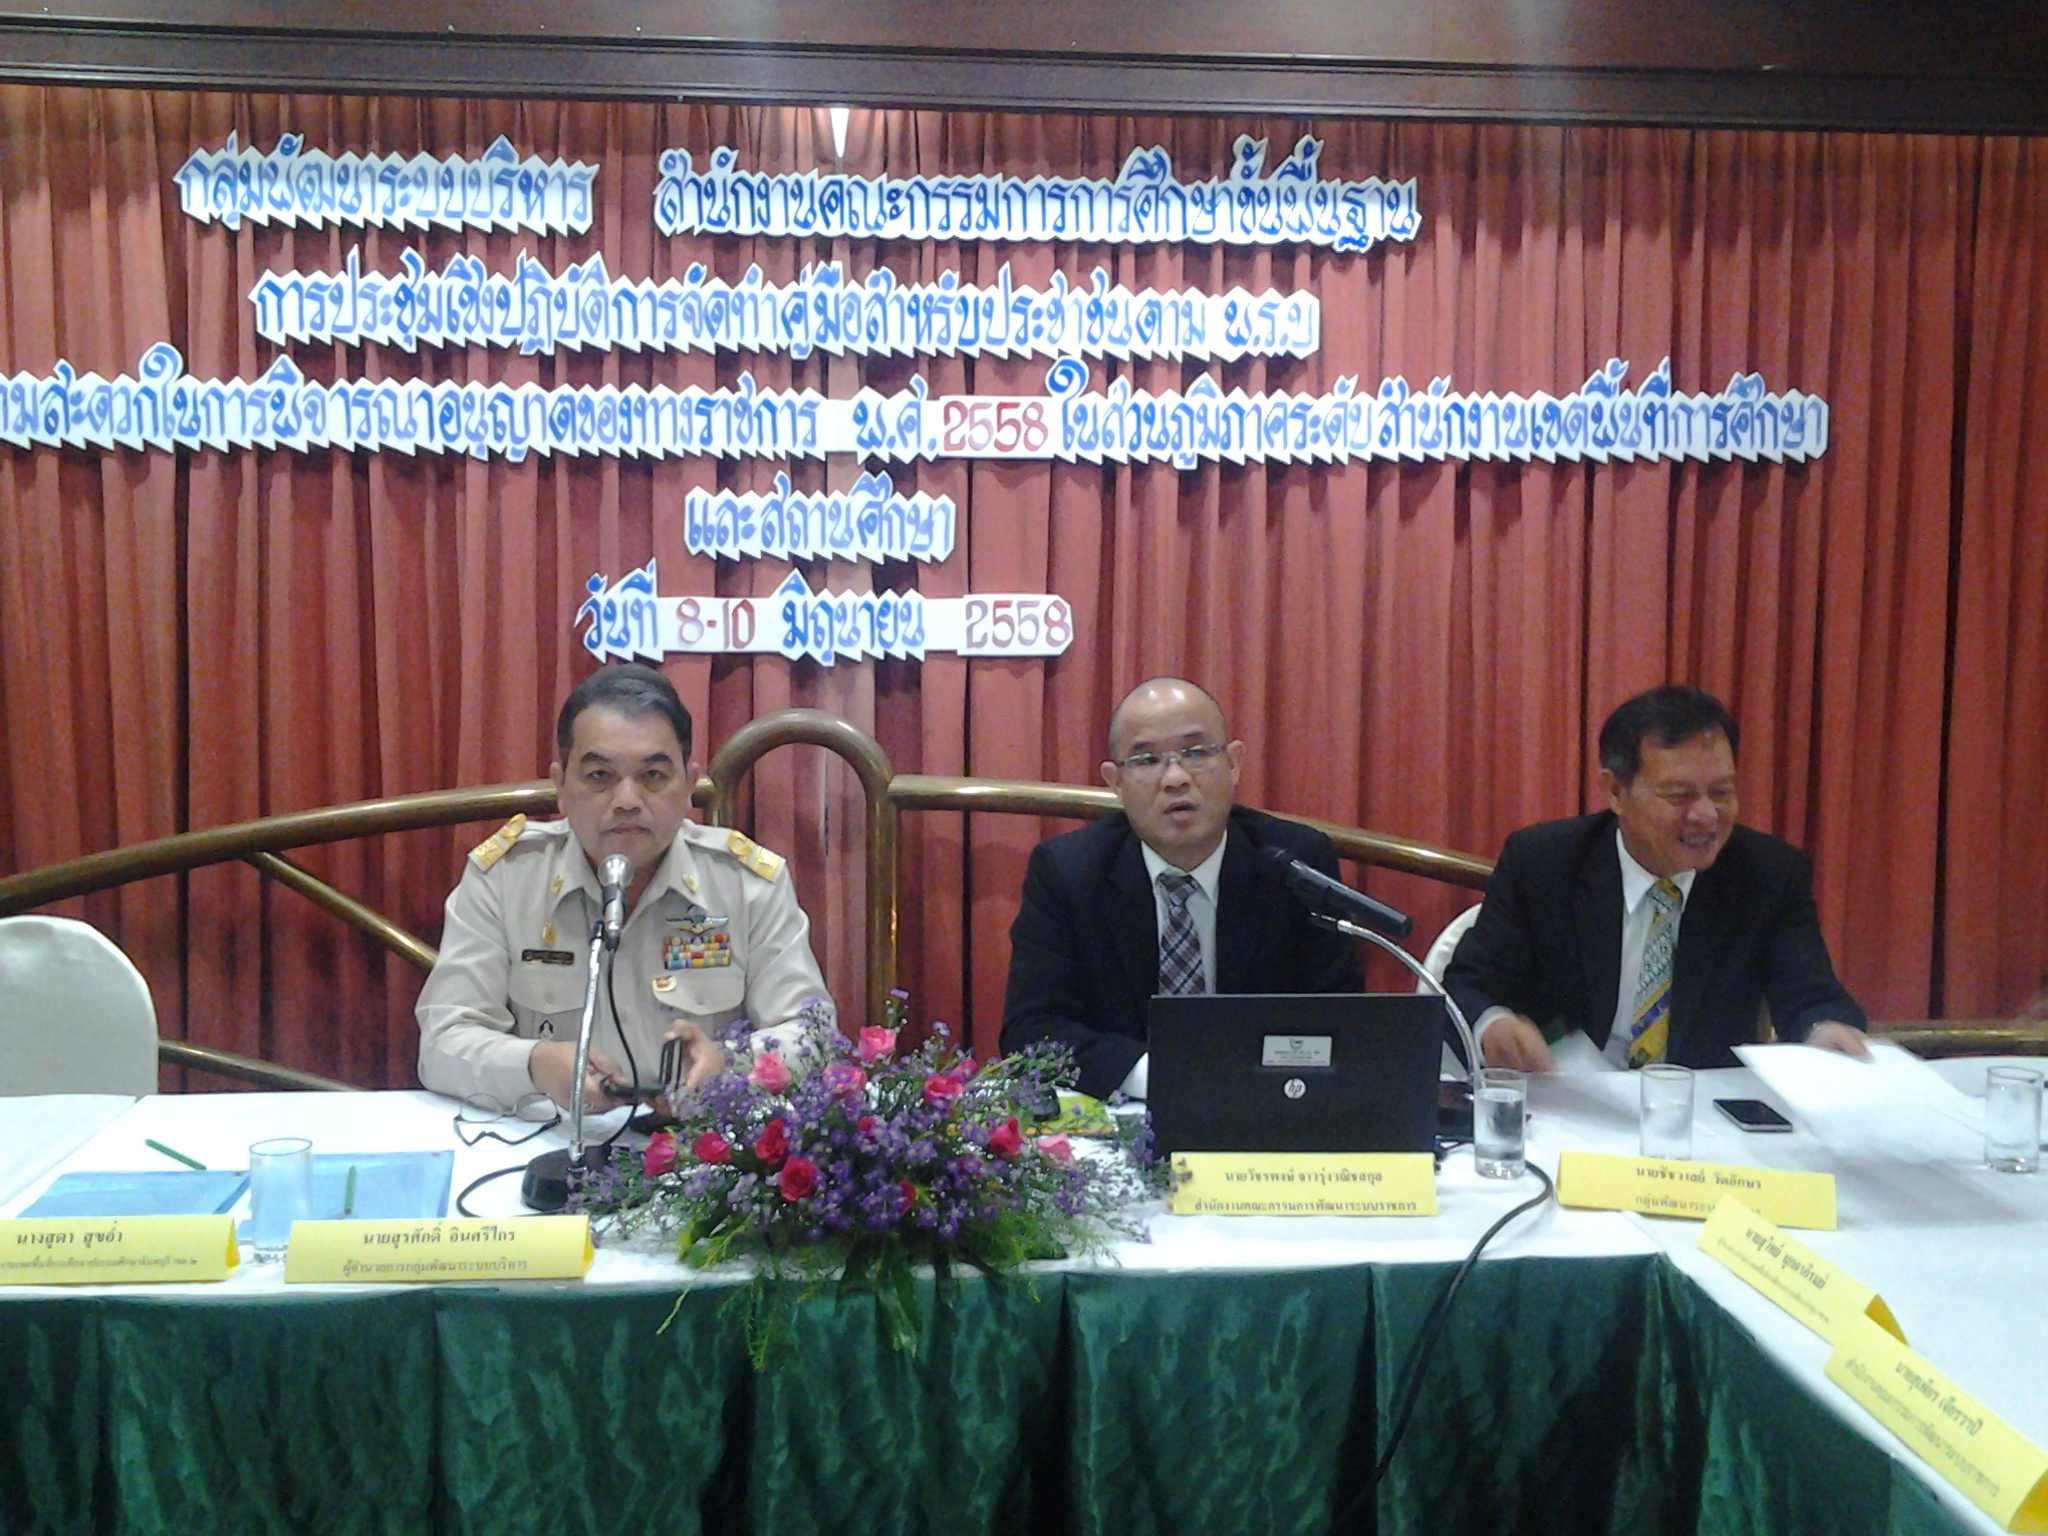 การประชุมเชิงปฏิบัติการจัดทำคู่มือสำหรับประชาชนตาม พ.ร.บ.การอำนวยความสะดวกในการพิจารณาอนุญาต พ.ศ.2558 ในส่วนภูมิภาคระดับสำนักงานเขตและสถานศึกษา ระหว่างวันที่ 8 – 10 มิถุนายน 2558 ณ โรงแรมทองธารา กรุงเทพมหานคร